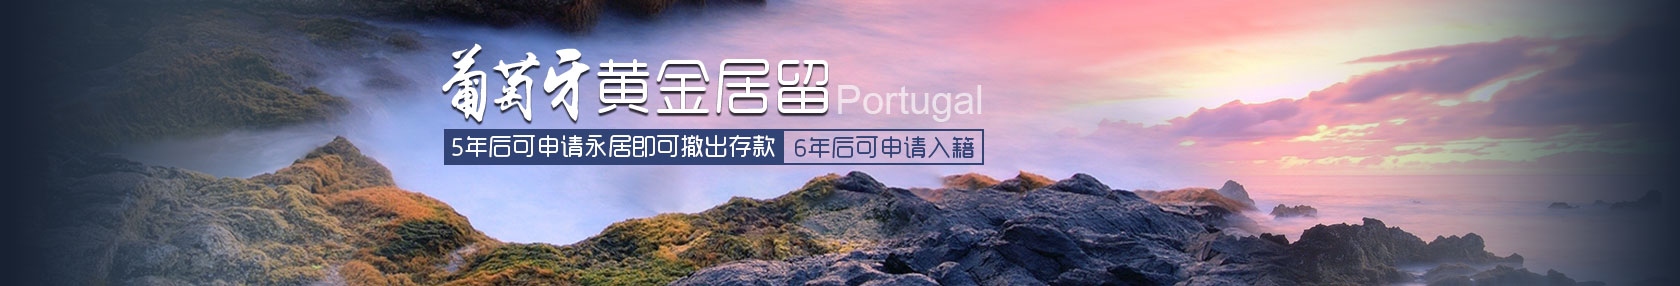 【葡萄牙存款移民】5年后可申请永居即可撤出存款,6年后可申请入境